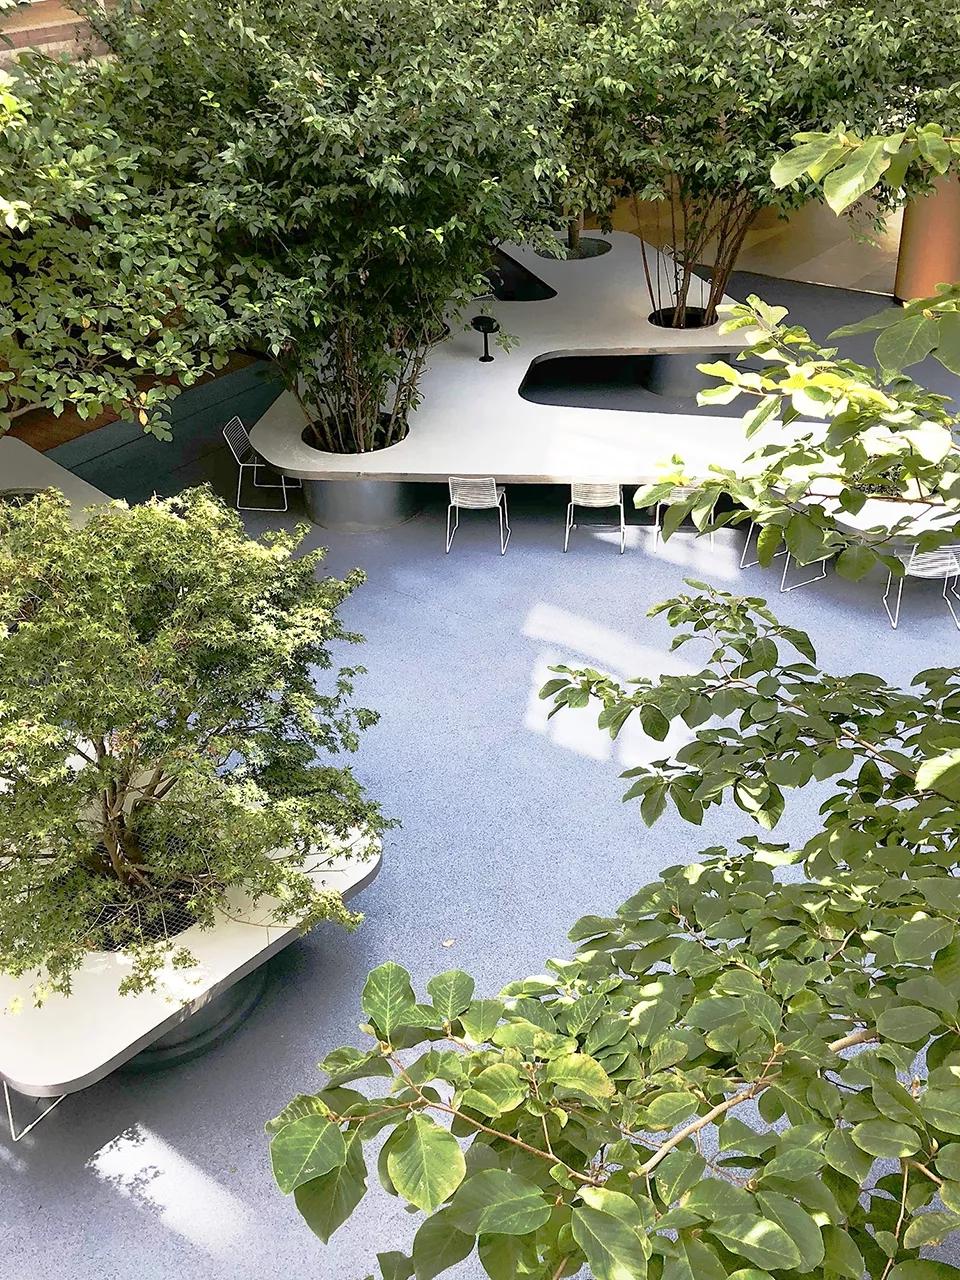 最受欢迎的非正式学习空间 - 树桌花园6.webp.jpg